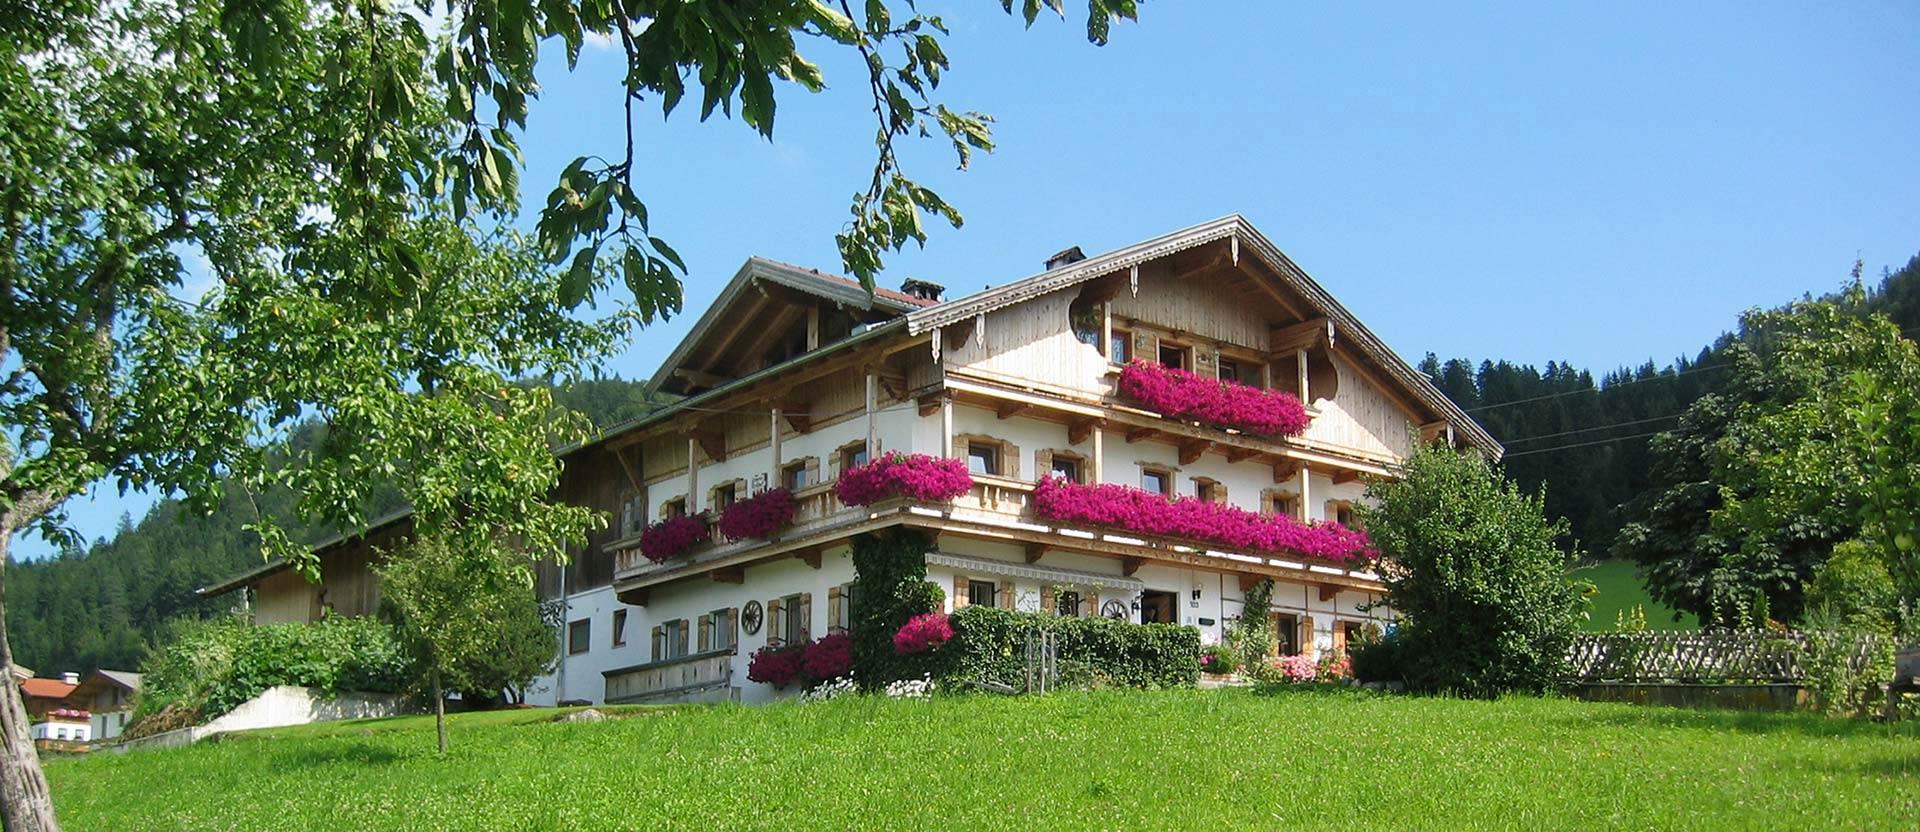 Feinkost-Zimmererhof in Brandenberg